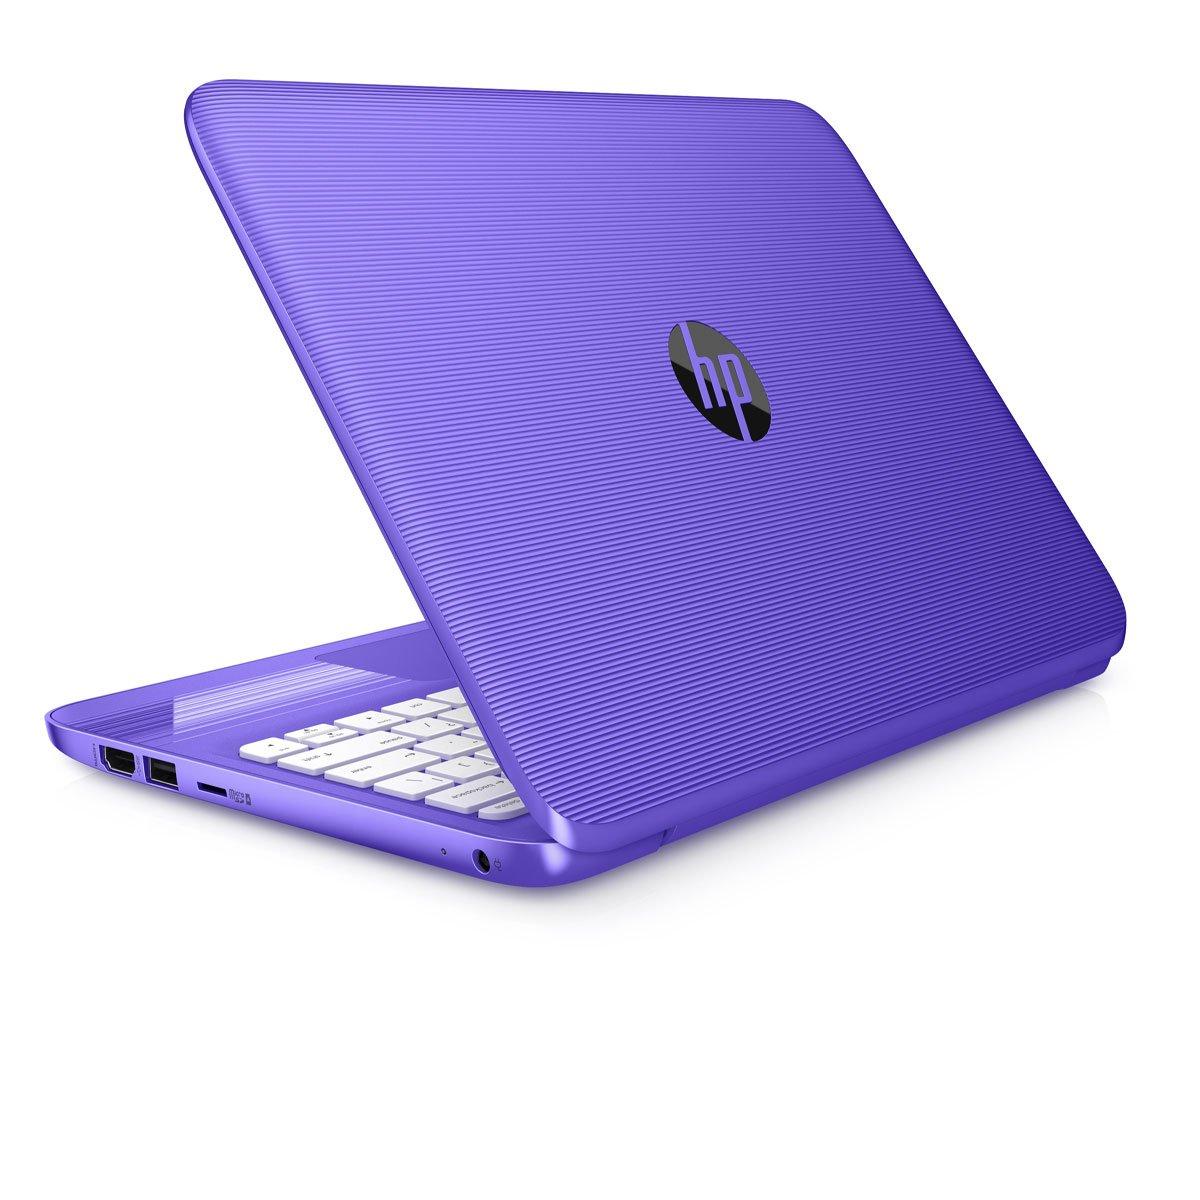 Laptop Hp Stream 11-Y004La Incluye Accesorios